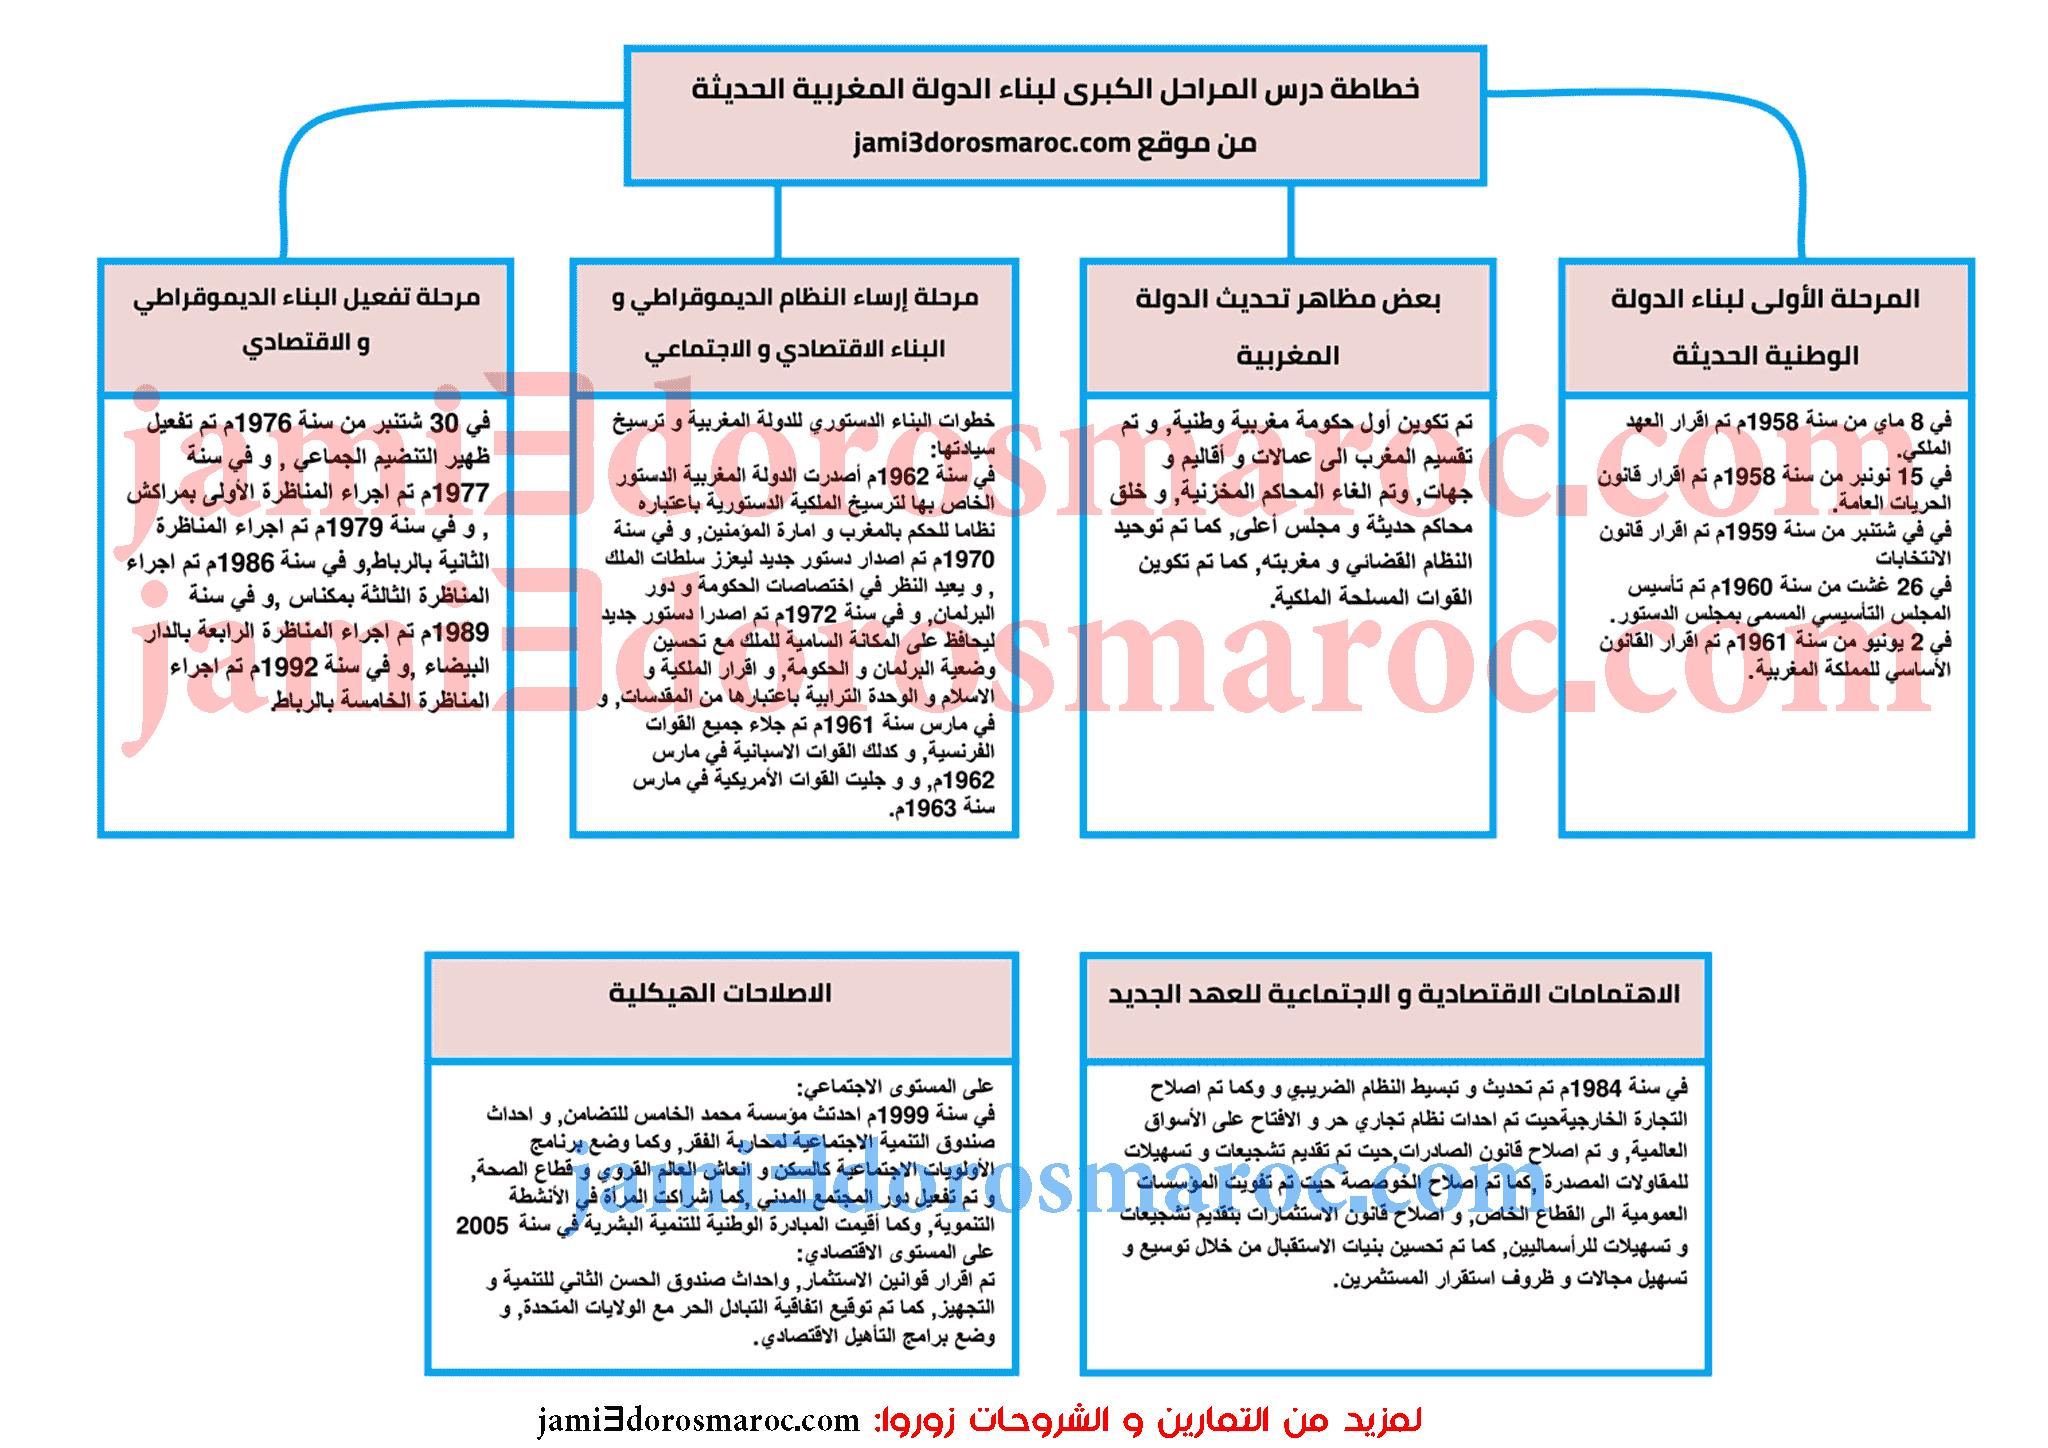 المراحل الكبرى لبناء الدولة المغربية الحديثة خطاطة